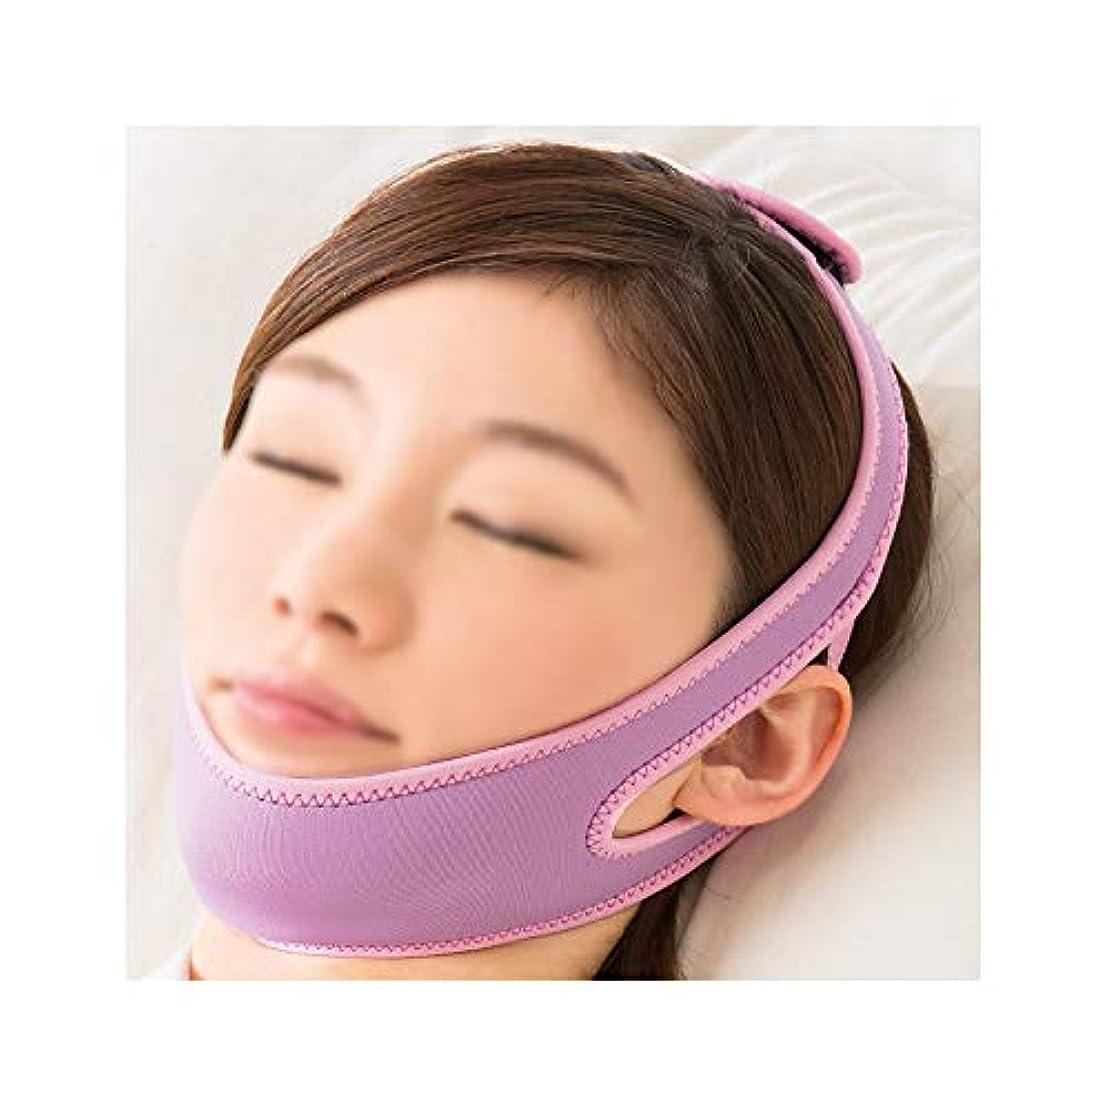 妻任意ハムTLMY マスクフェイスリフトアーチファクトマスク垂れ顔小さいVフェイス包帯通気性睡眠両面あごスーツ睡眠弾性痩身ベルト 顔用整形マスク